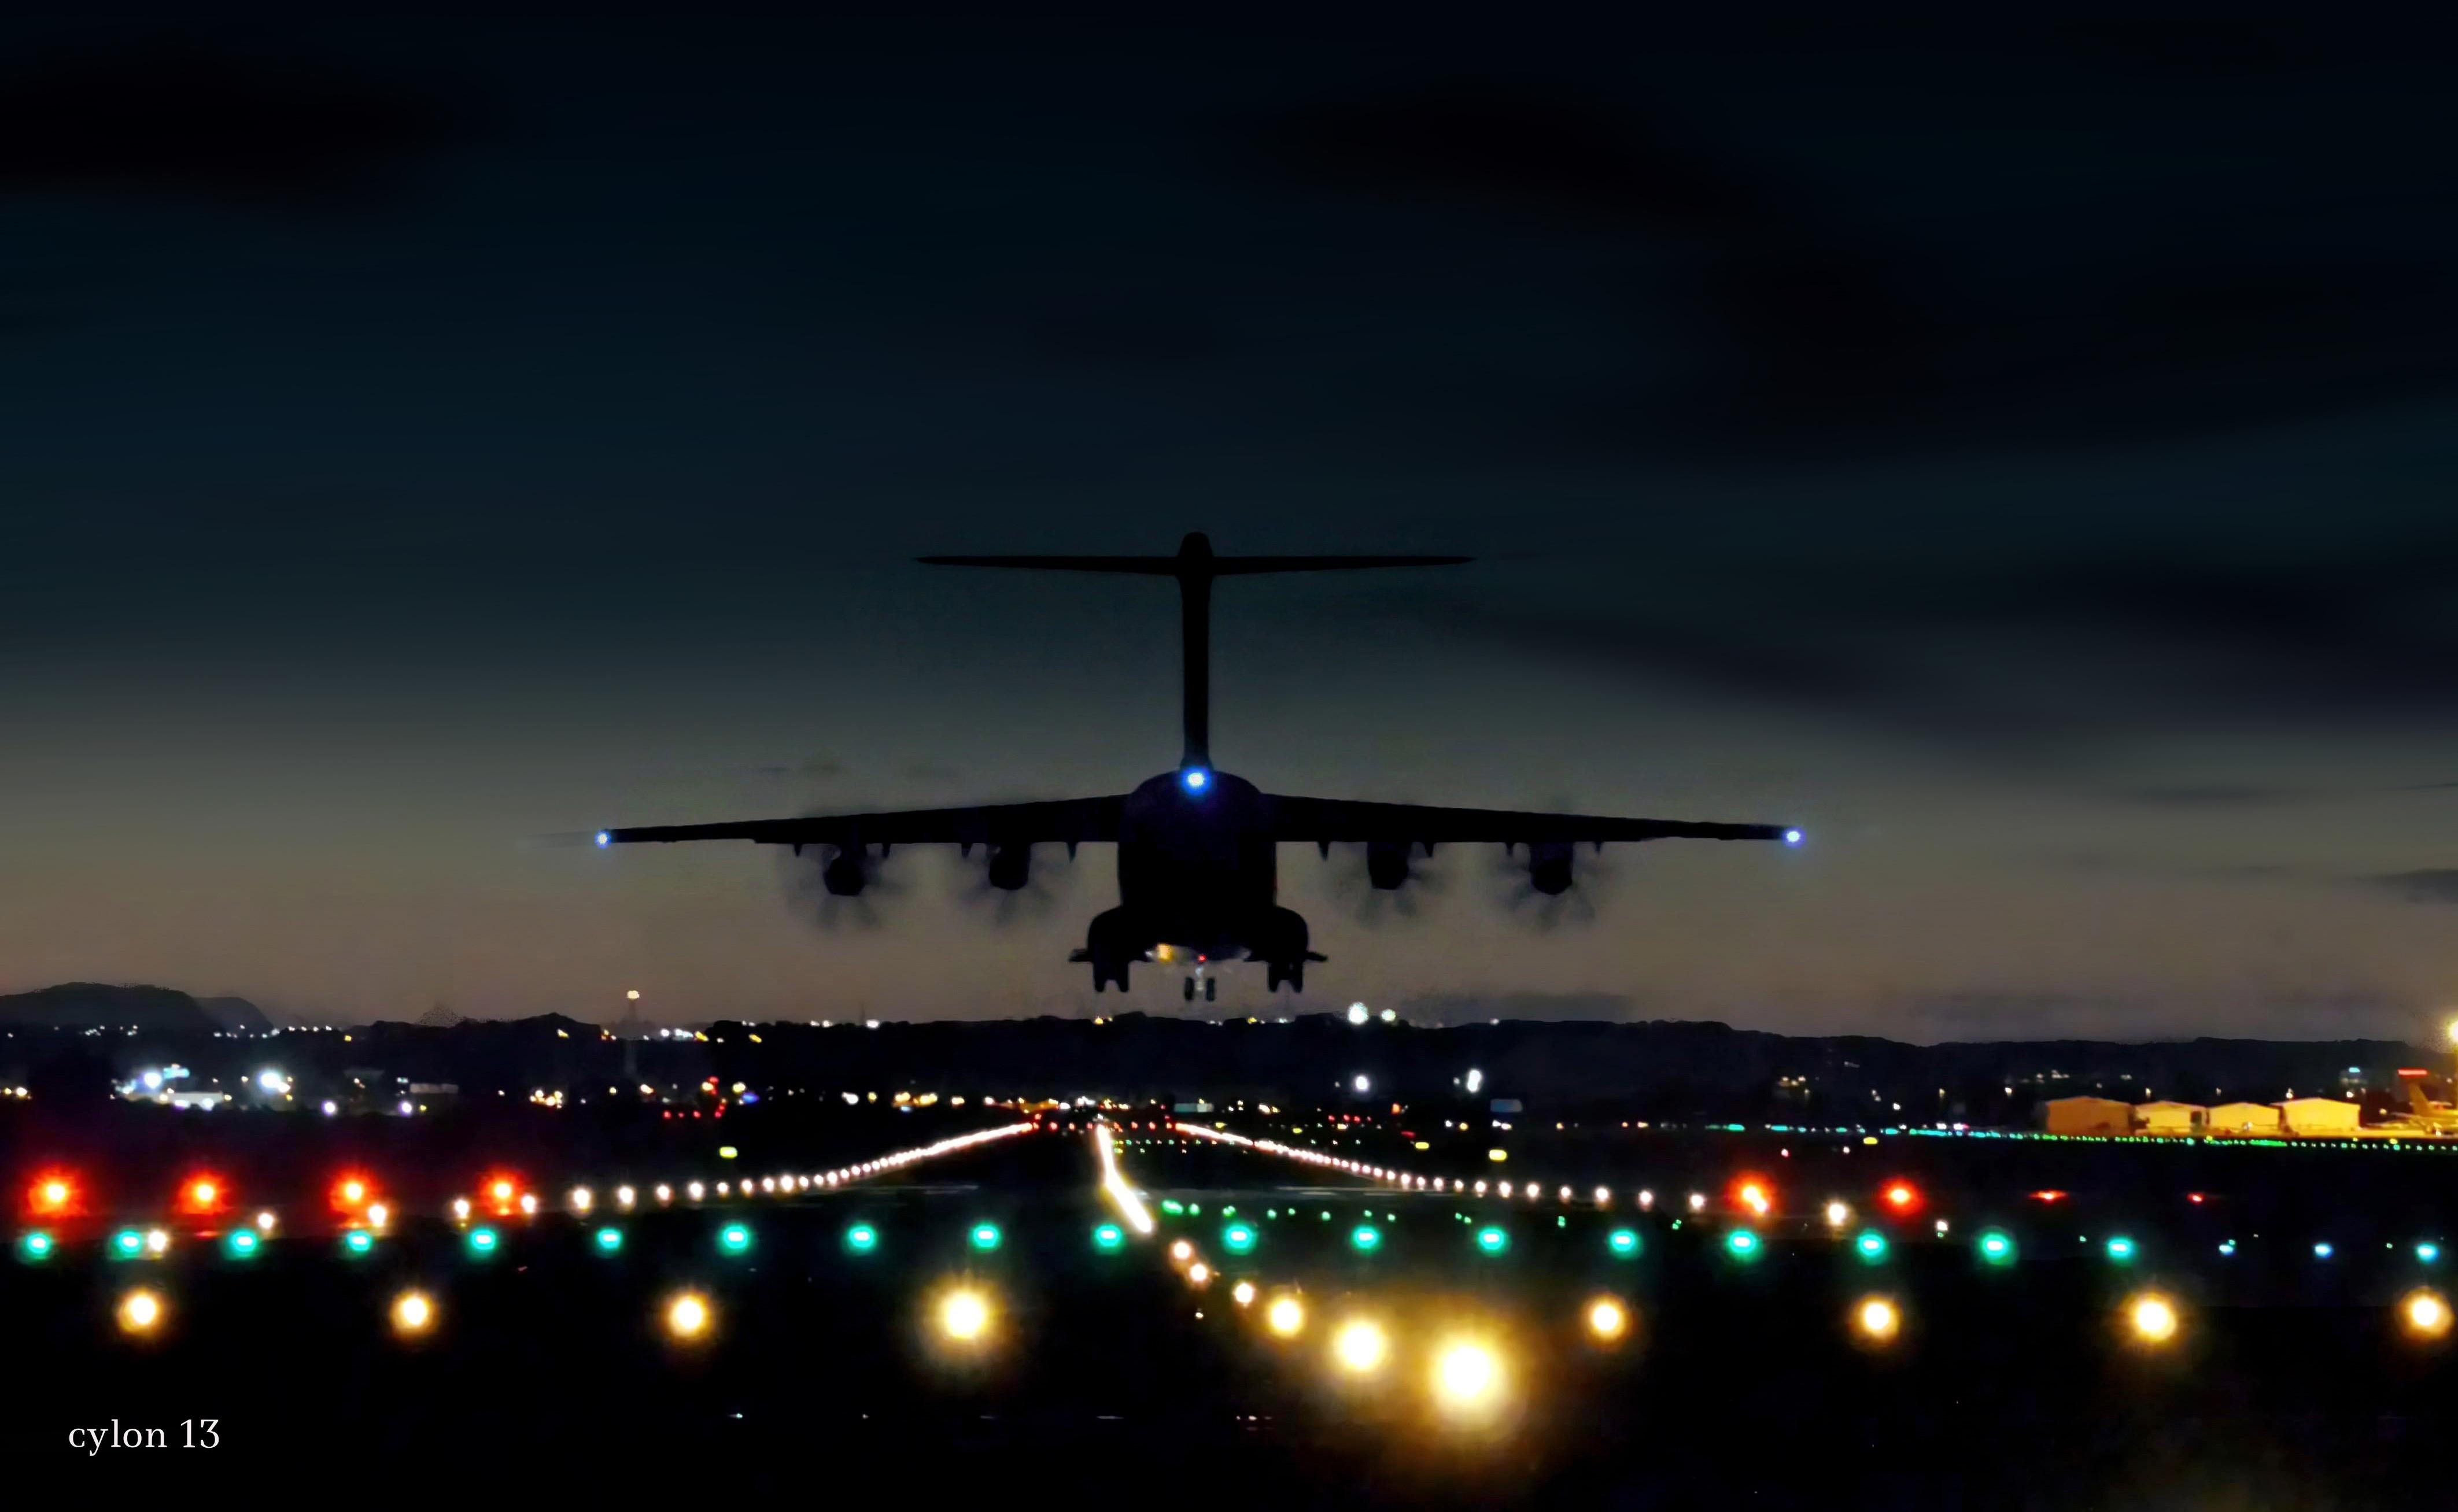 полет в ночном городе картинка можете